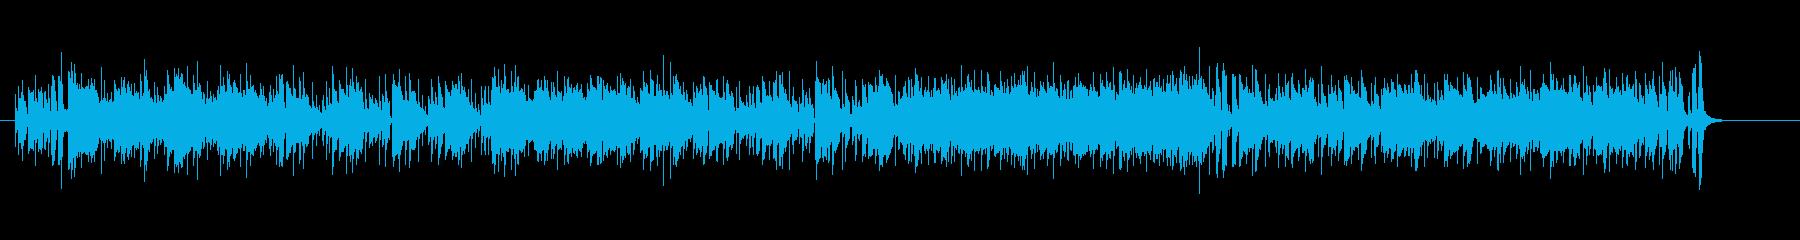 アップ・テンポなフュージョンの再生済みの波形